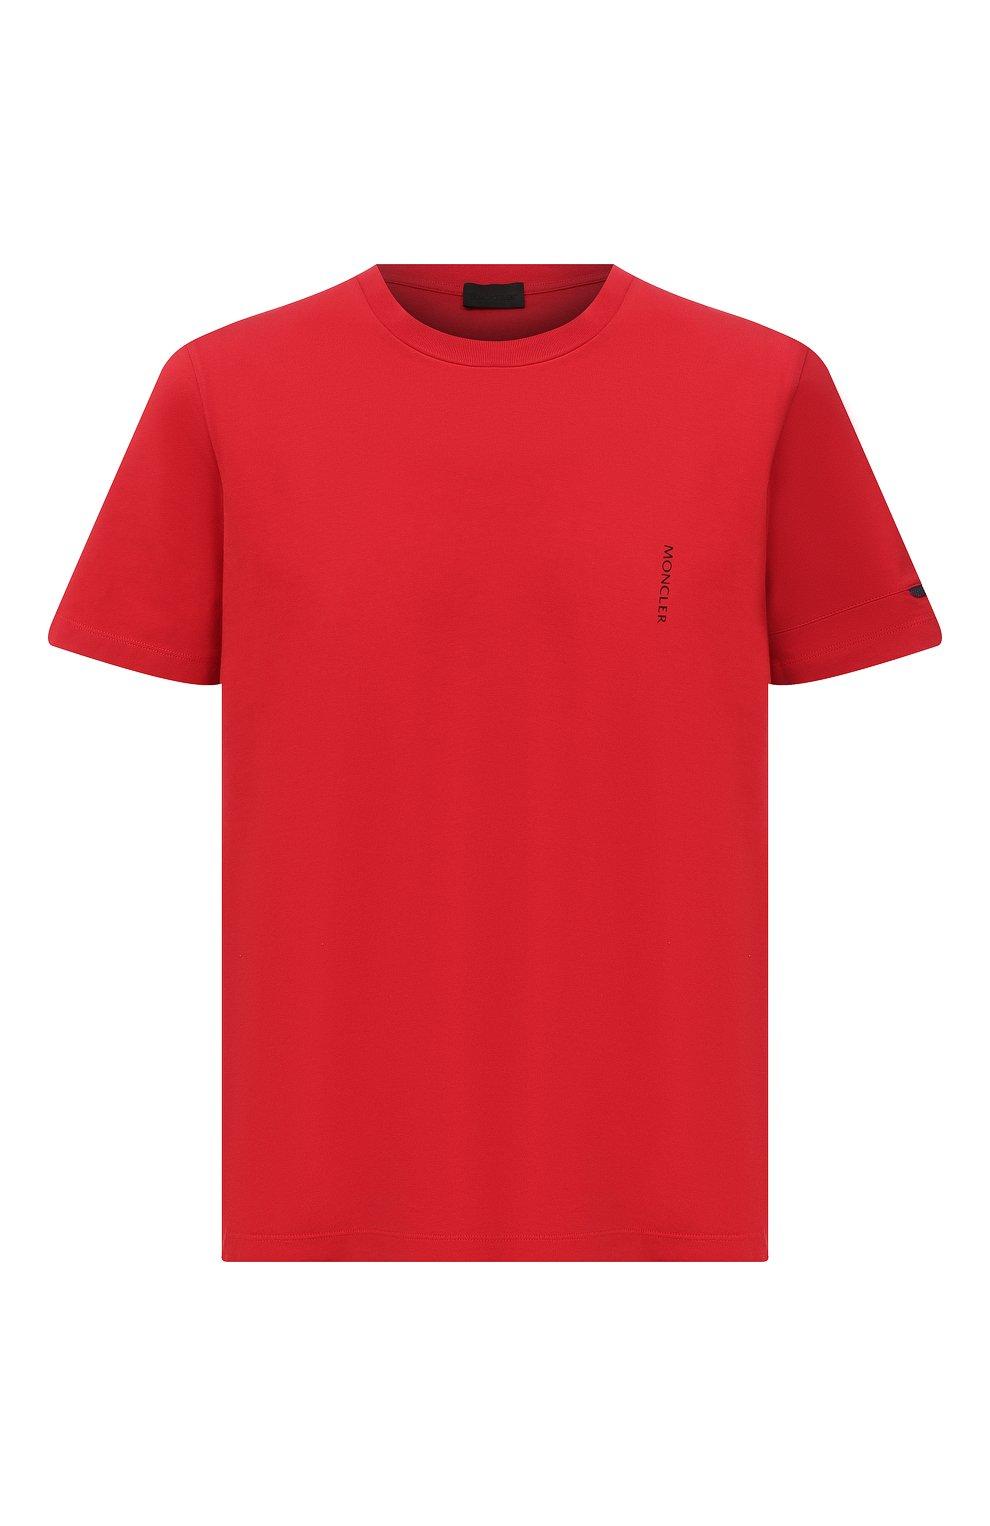 Мужская хлопковая футболка MONCLER красного цвета, арт. G1-091-8C7B2-10-829H8 | Фото 1 (Принт: Без принта; Рукава: Короткие; Длина (для топов): Стандартные; Материал внешний: Хлопок; Стили: Кэжуэл)